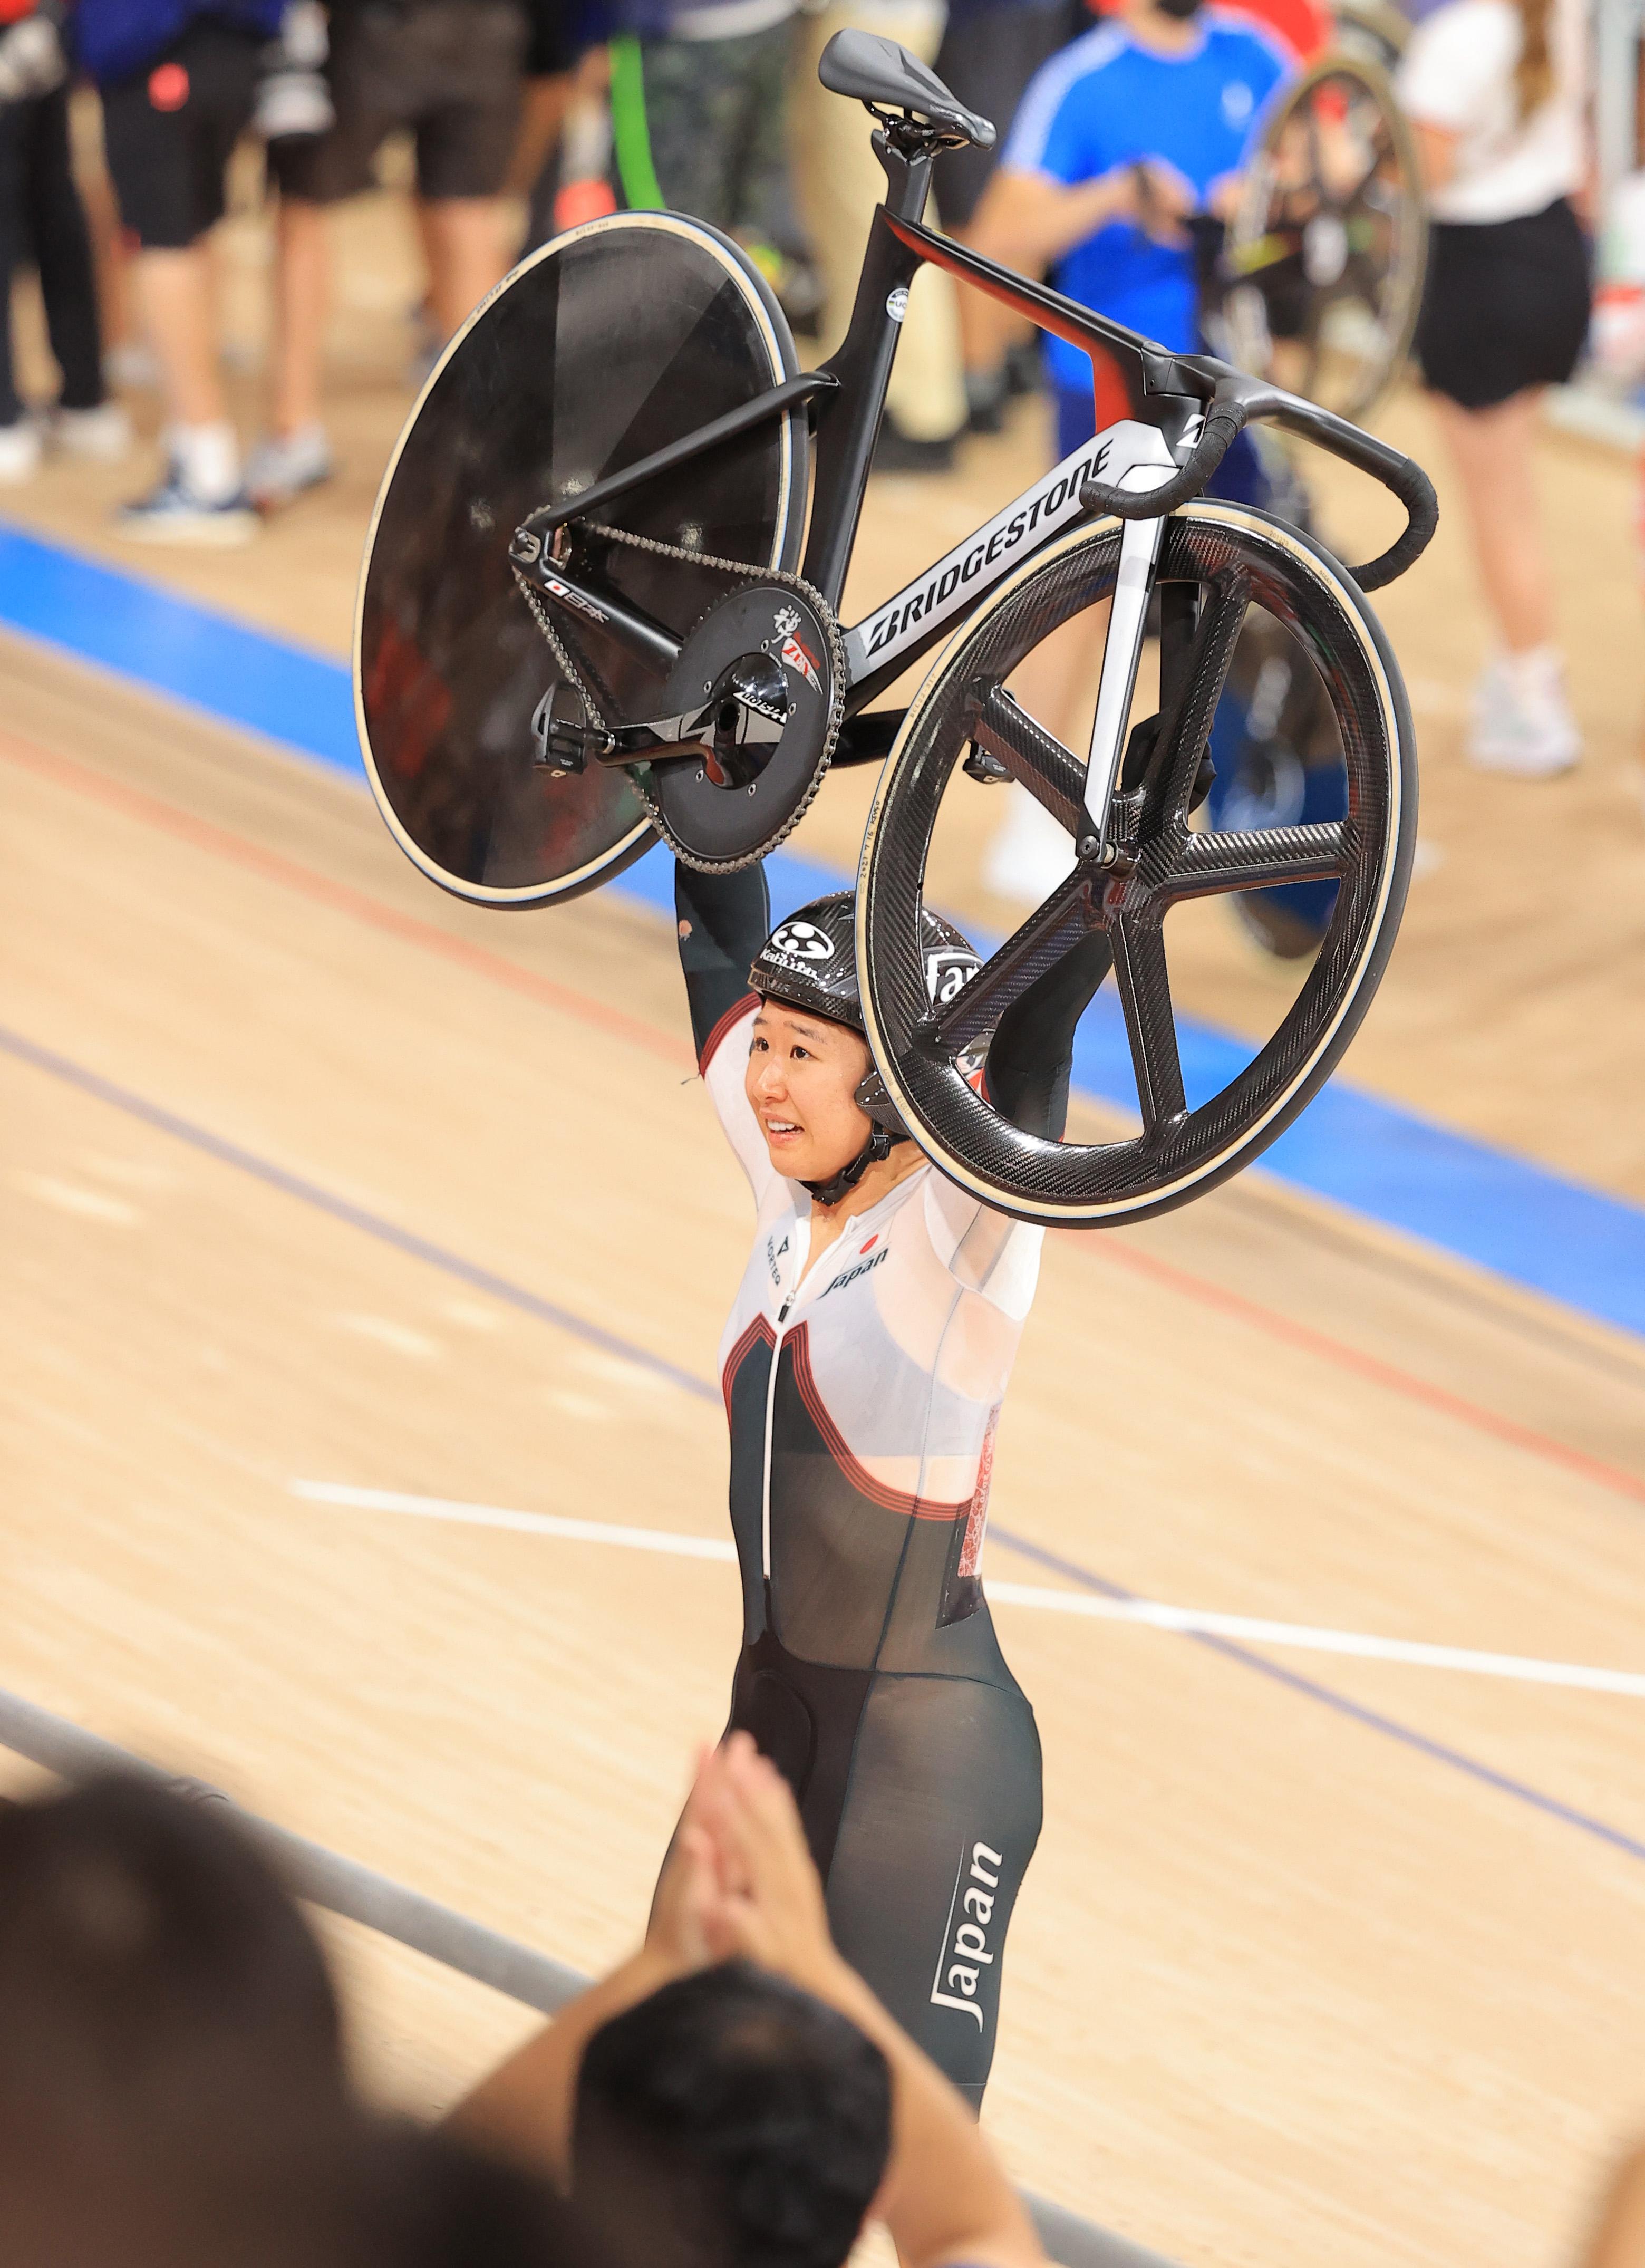 【東京五輪2020 自転車トラック女子オムニアム】銀メダルを獲得し、自転車を持ち上げ客席の拍手に応える梶原悠未=伊豆ベロドローム(撮影・松永渉平)